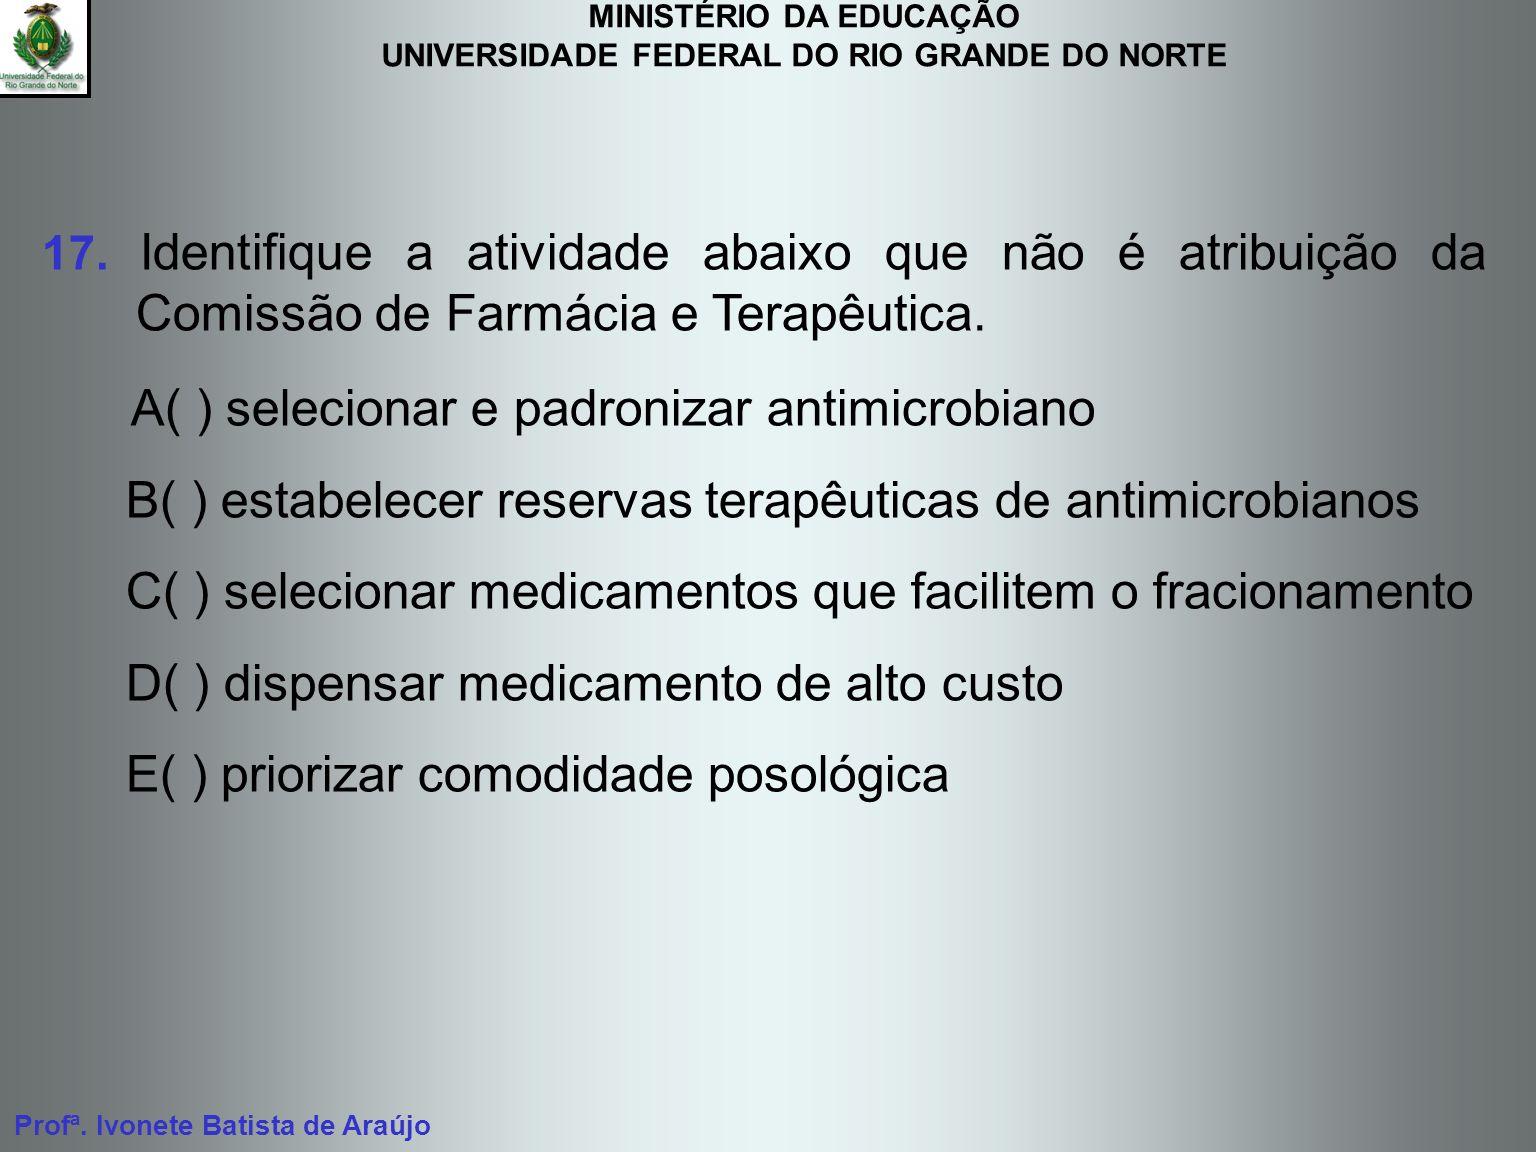 MINISTÉRIO DA EDUCAÇÃO UNIVERSIDADE FEDERAL DO RIO GRANDE DO NORTE Profª. Ivonete Batista de Araújo 17. Identifique a atividade abaixo que não é atrib